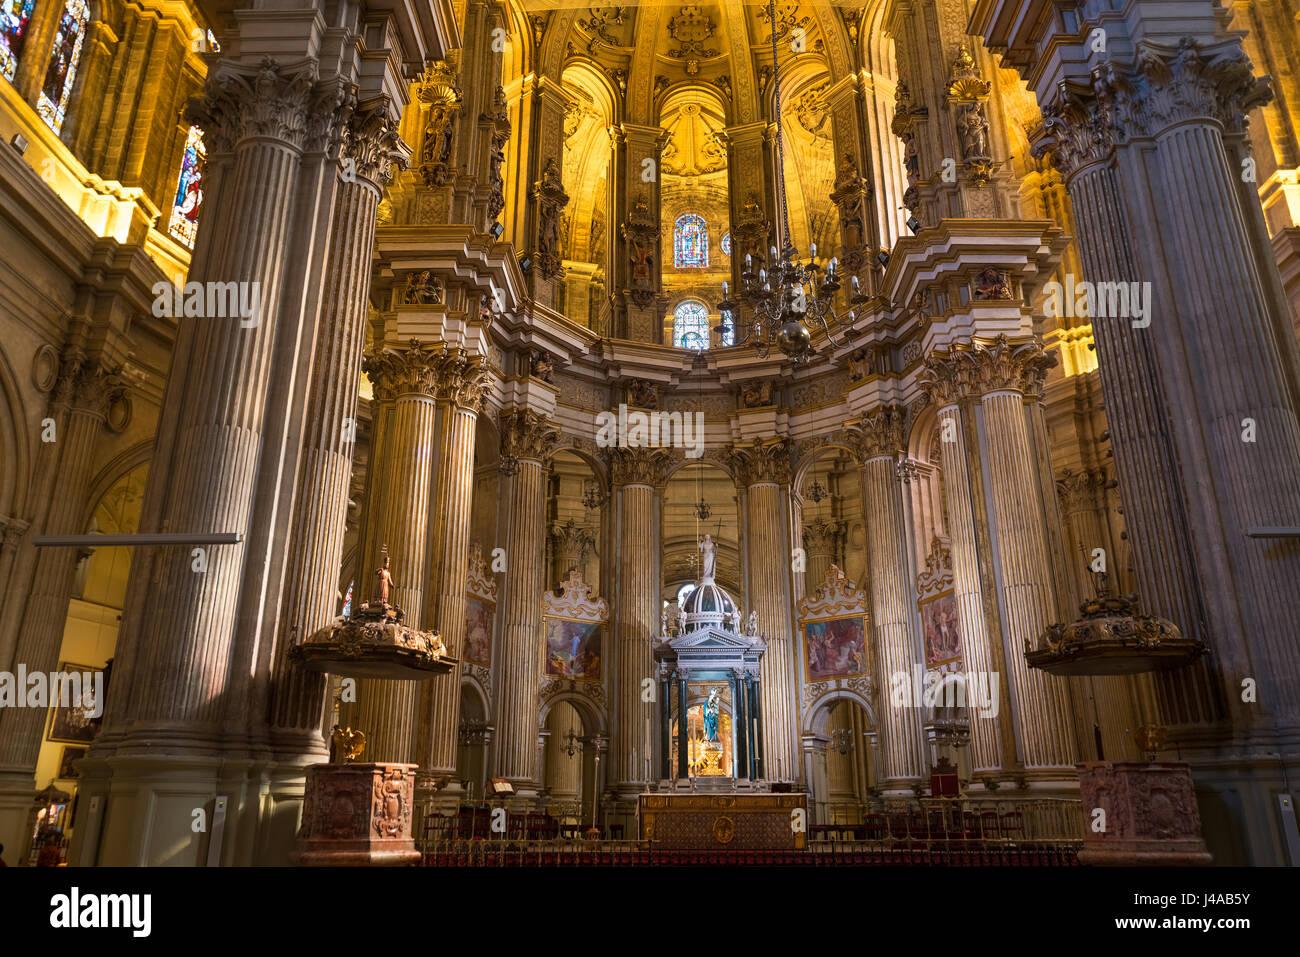 Cathedral interior Malaga Spain. La Santa Iglesia Catedral Basilica de la Encarnacion, Málaga - Stock Image